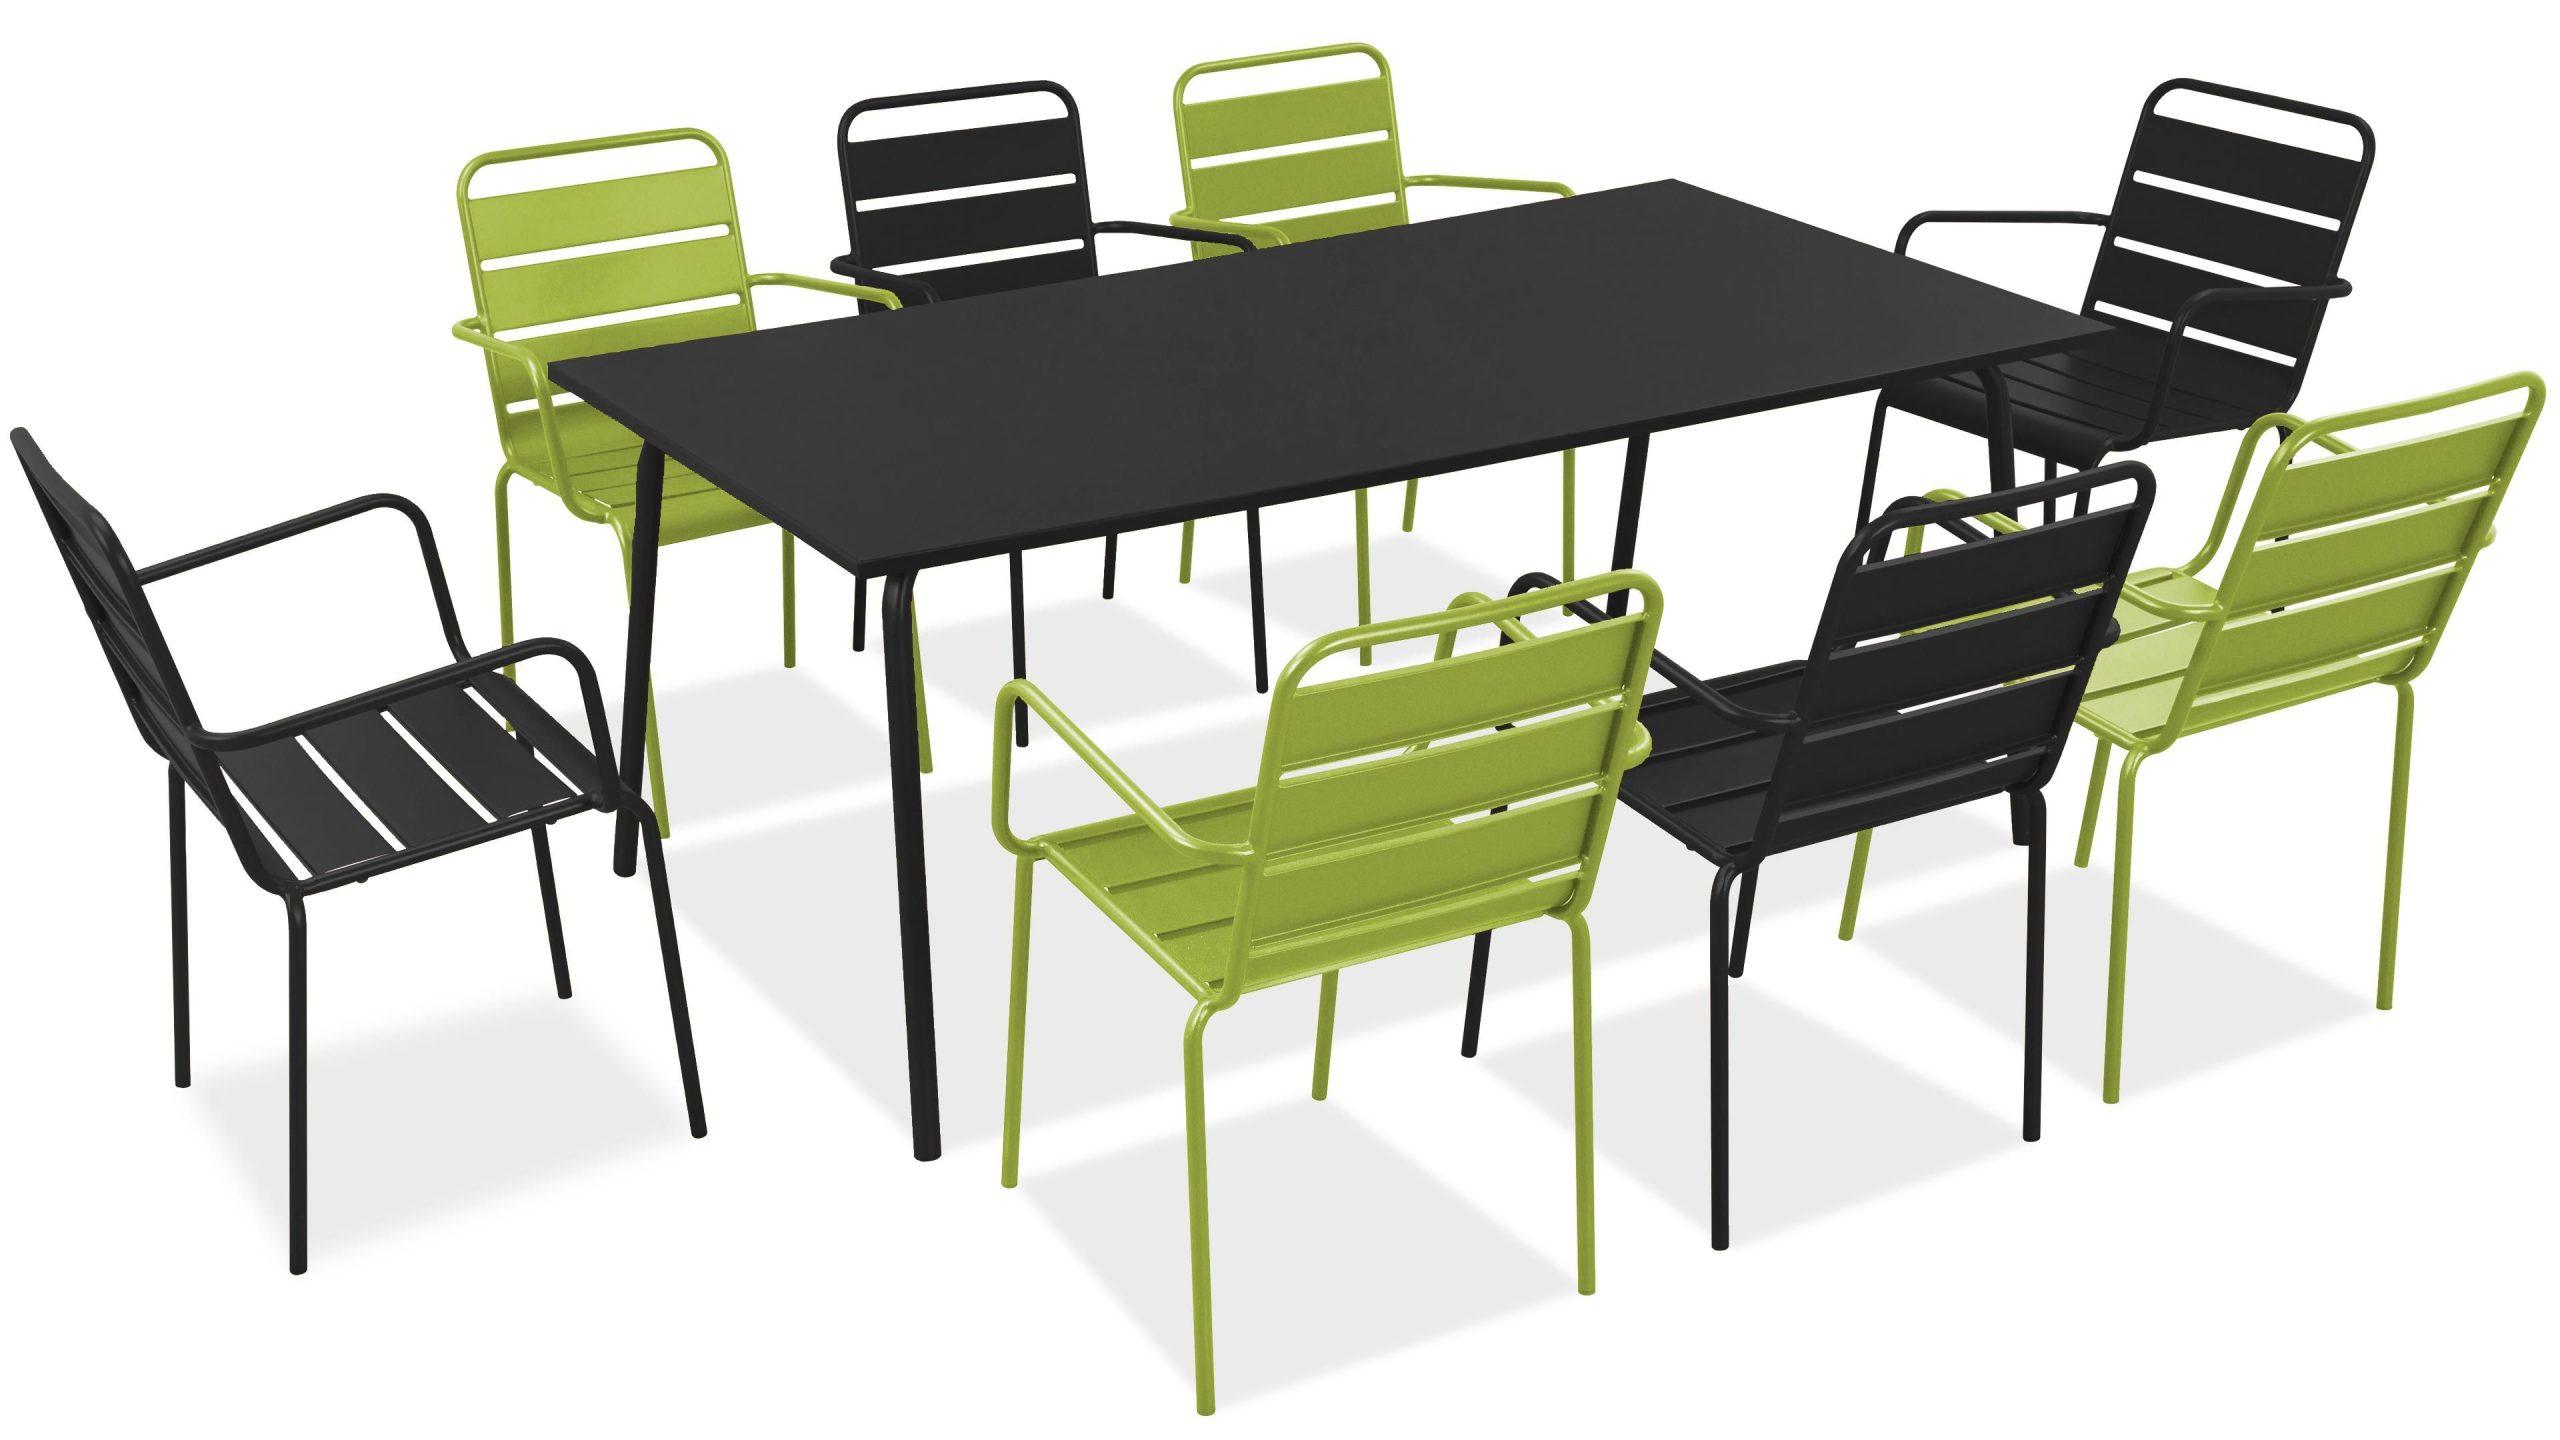 Salon De Jardin Metal Table Et Fauteuils destiné Table De Jardin Verte